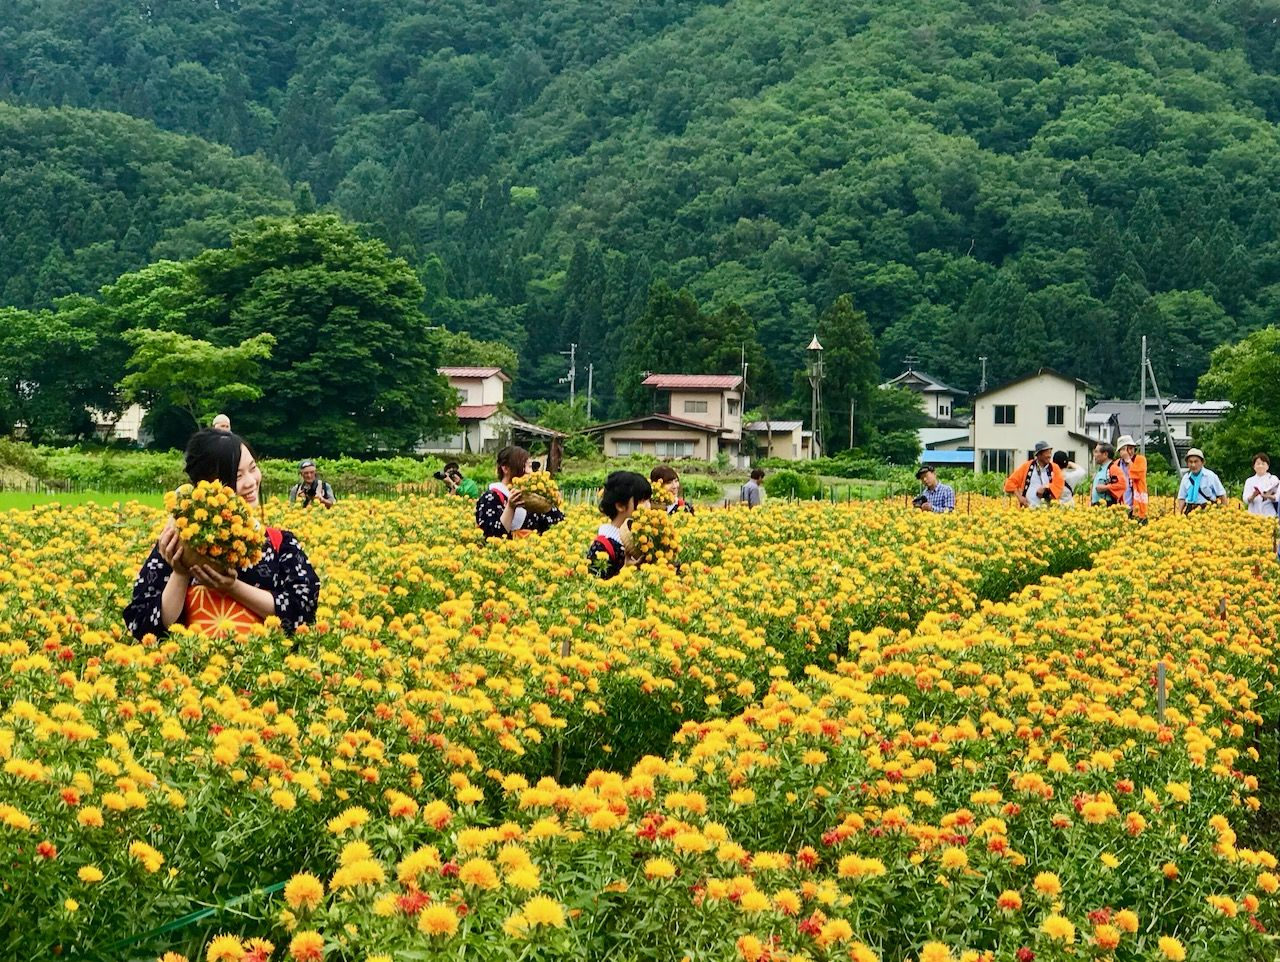 2.山寺と山形紅花まつり/山形県